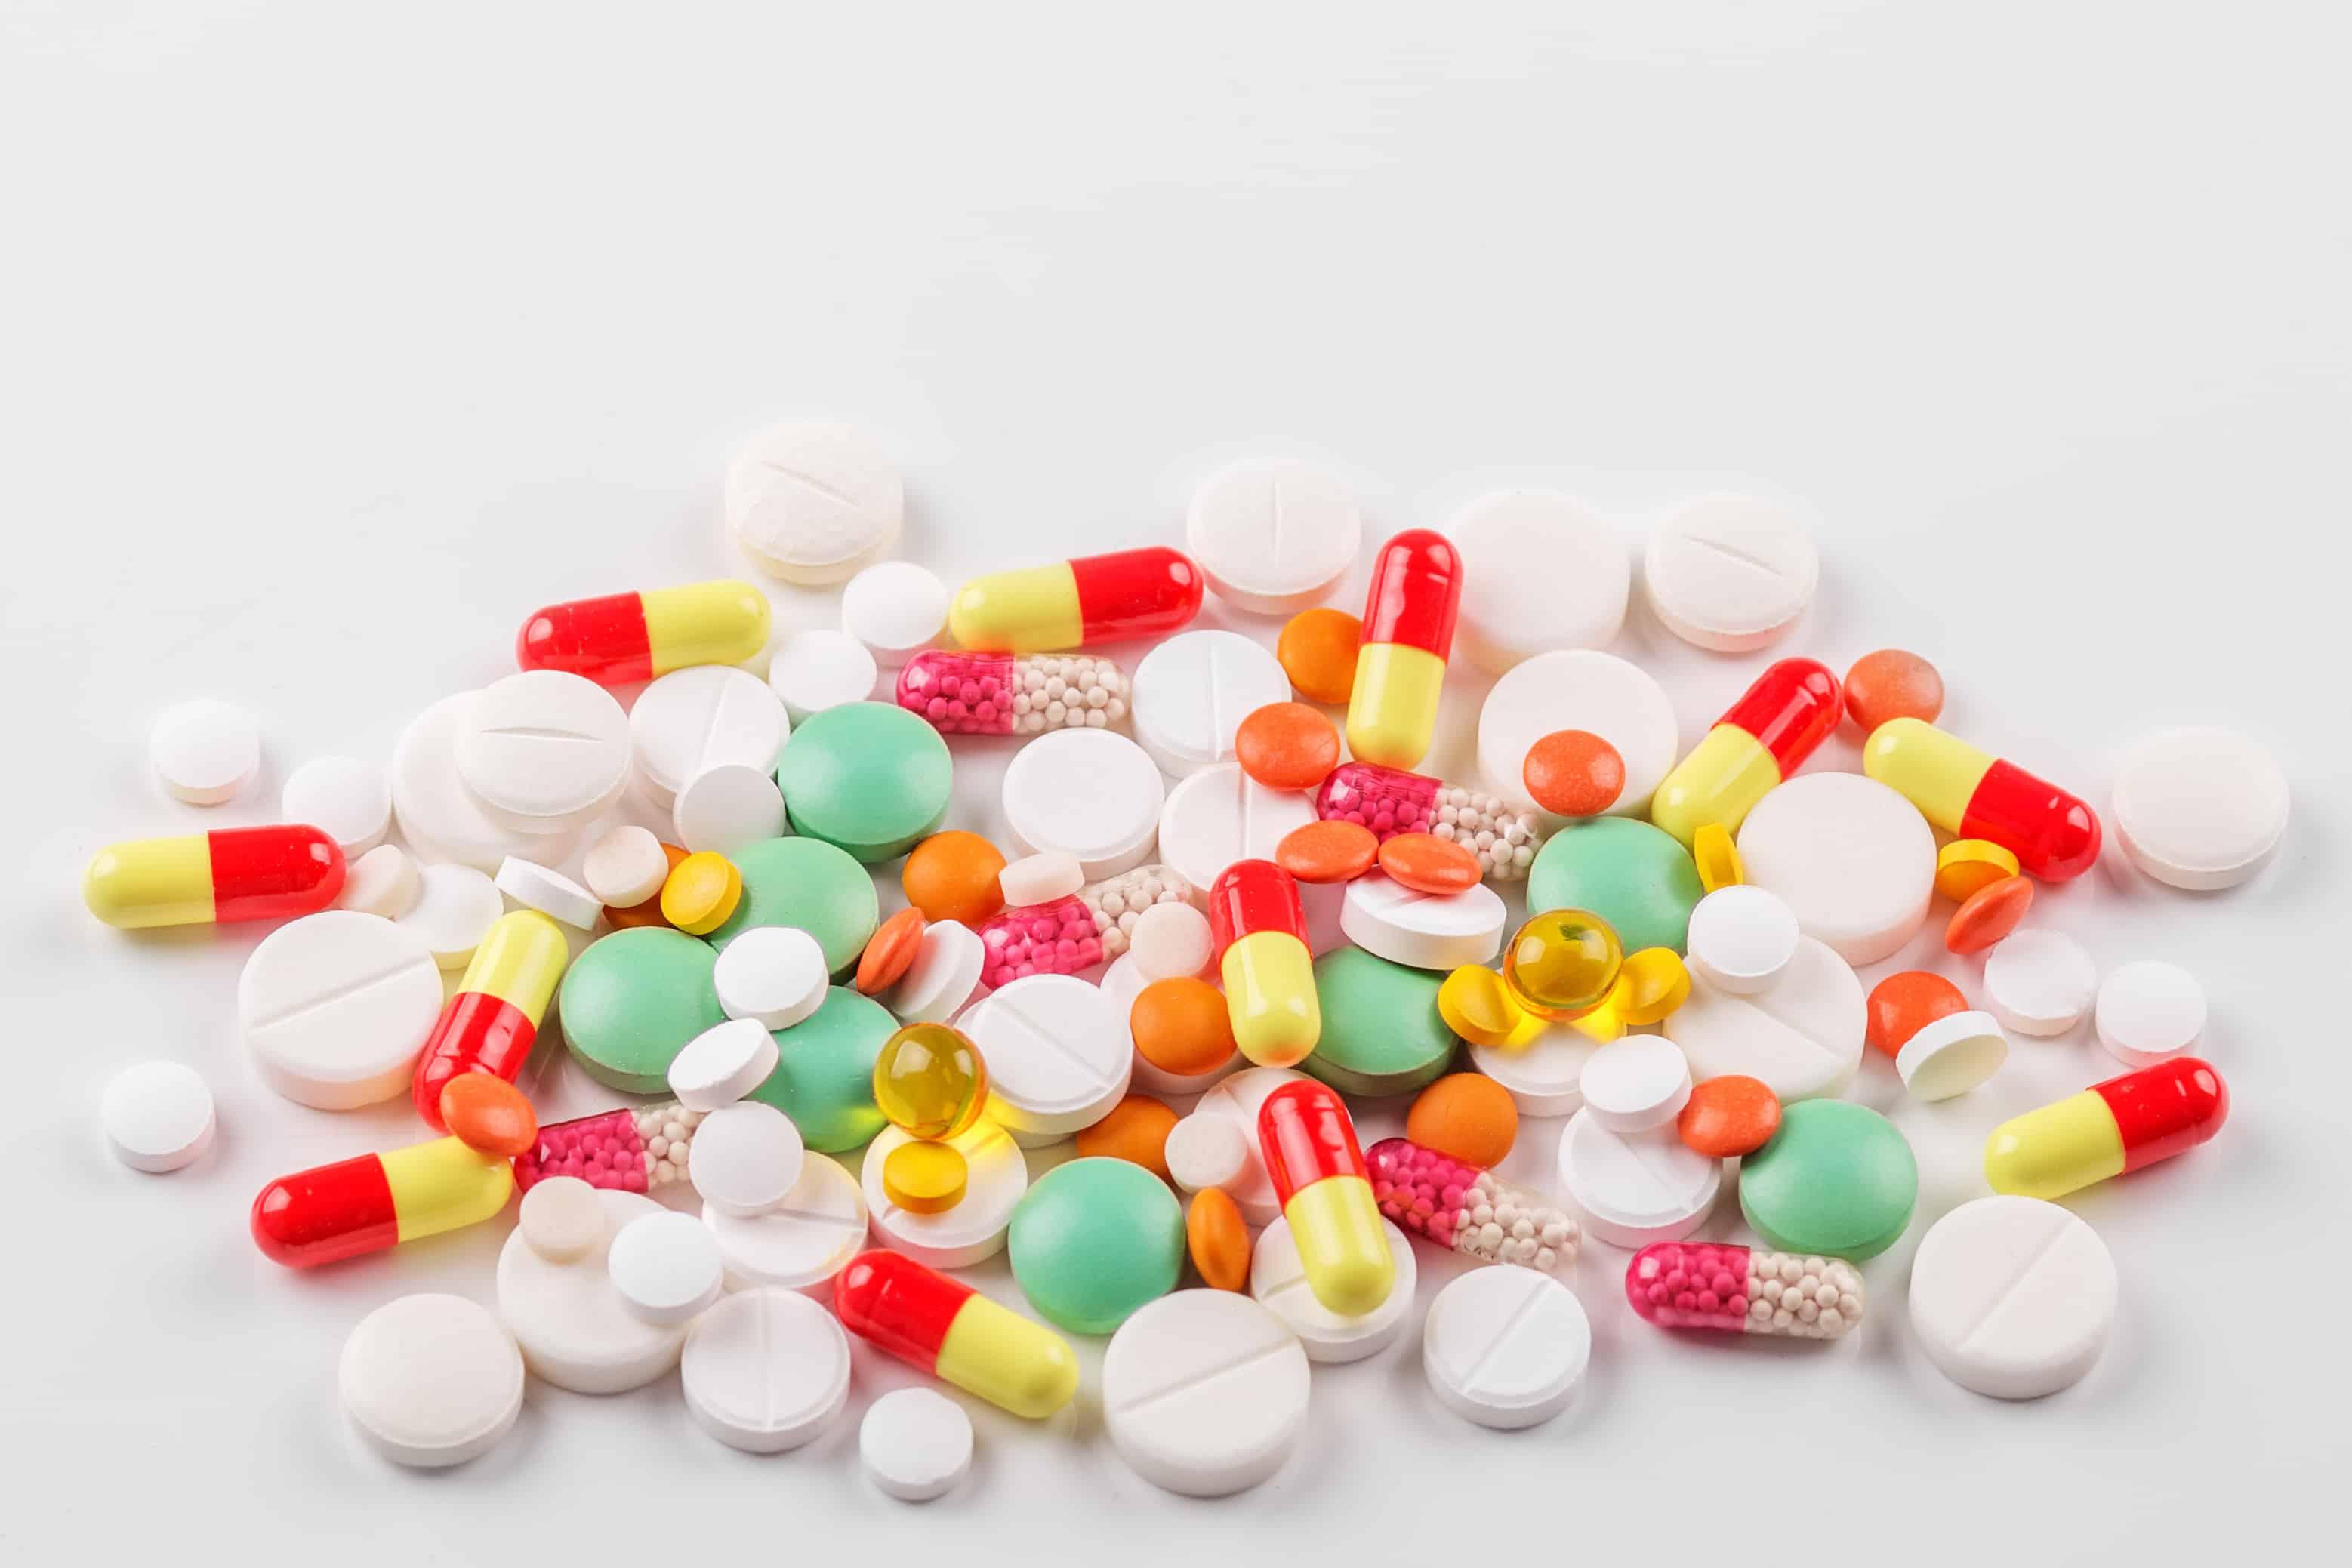 Витамины для укрепления нервной системы. Какие из них лучшие